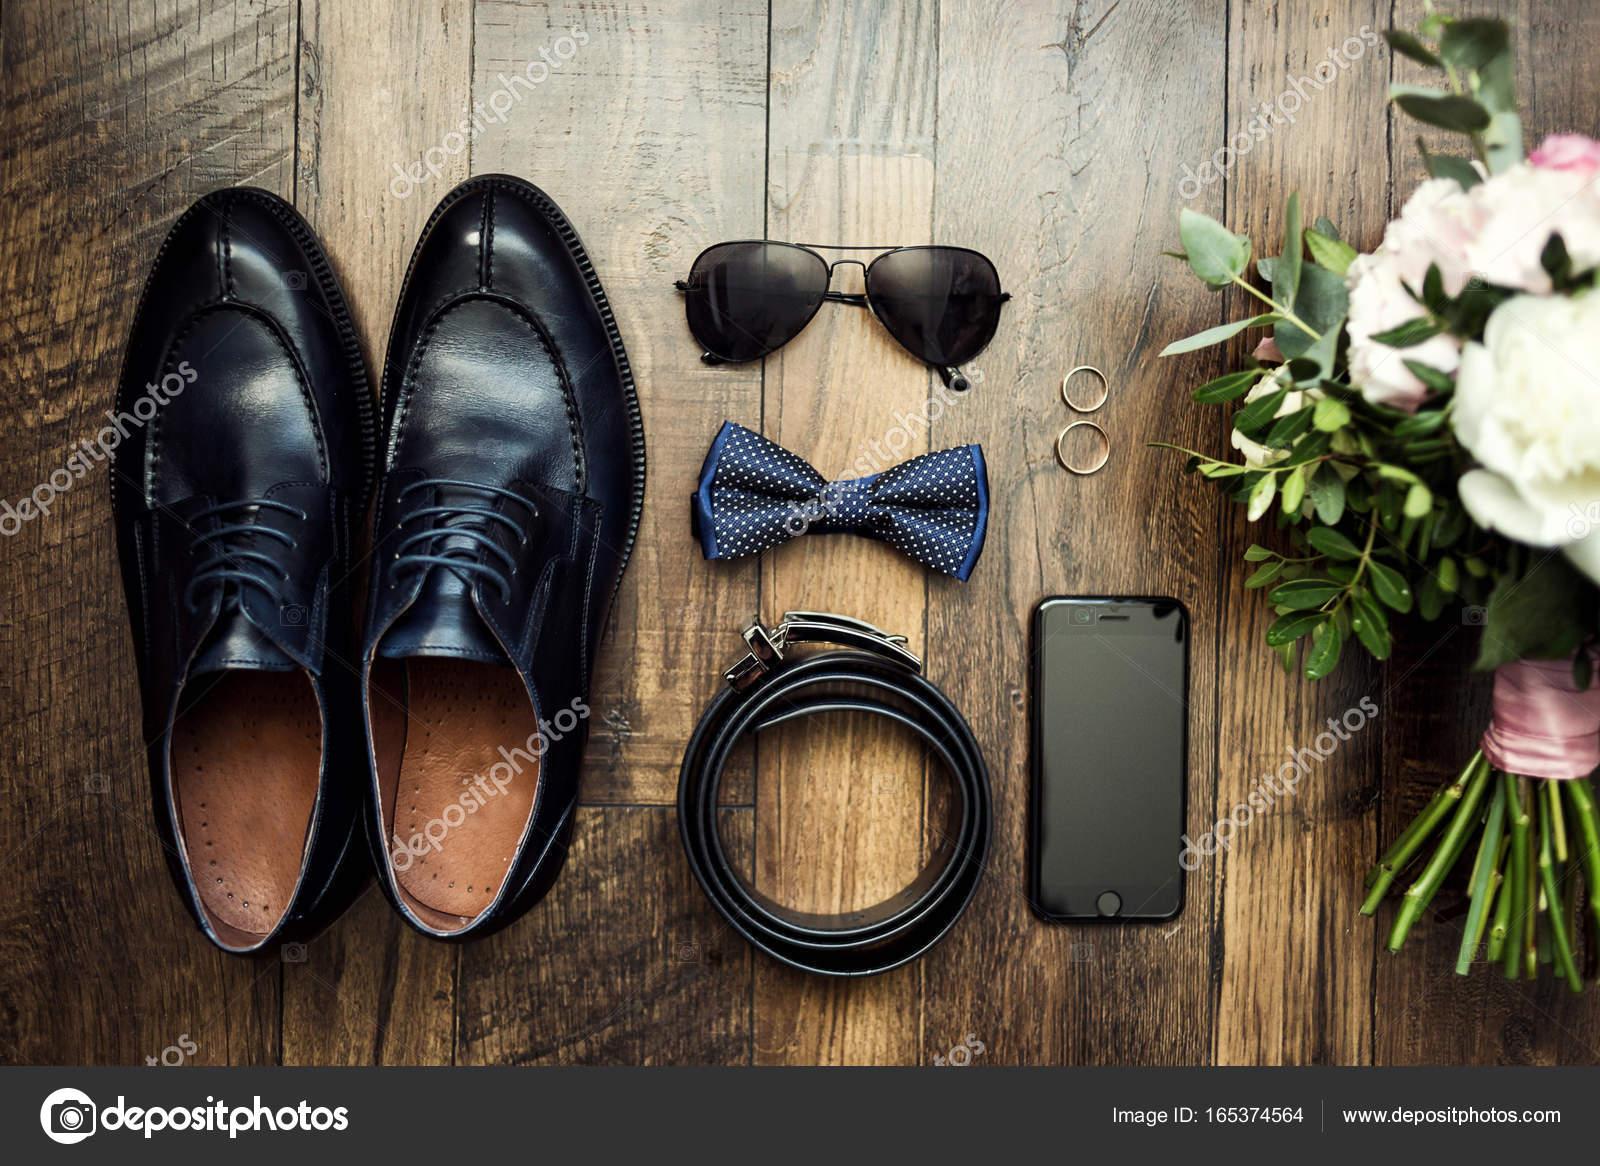 e7716a9107 Fliege, Schuhe, Gürtel, Trauringe, Telefon, Uhr, Brille, Brautstrauß,  Bräutigam Morgen, Geschäftsmann, Hochzeit, Mann Mode, Herren Accessoires —  Foto von ...